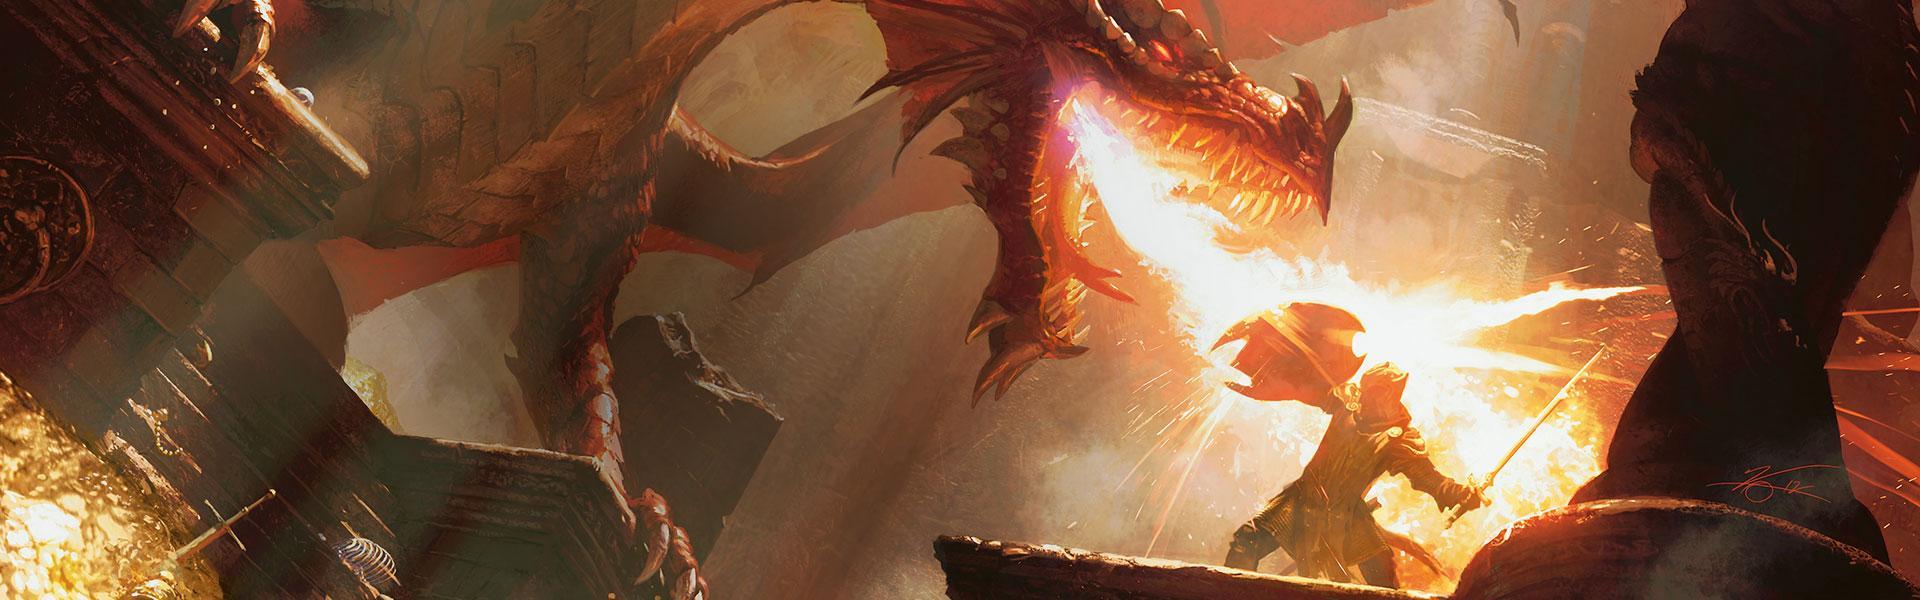 Dragonflame banner